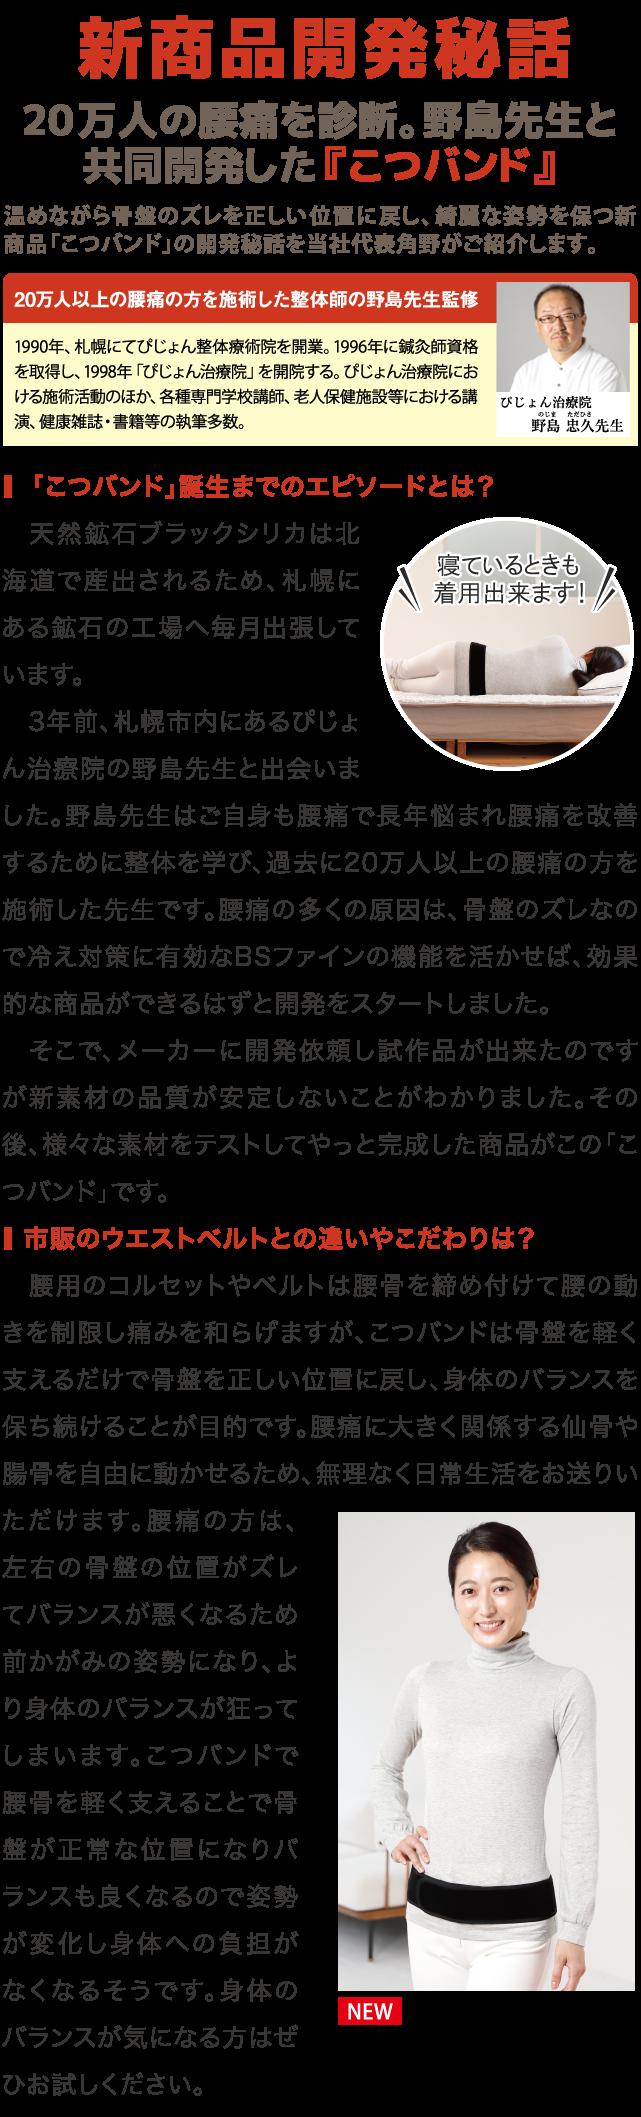 商品開発秘話 20万人の腰痛を診断。野島先生と共同開発した『こつバンド』寝ているときも着用できます!誕生までのエピソードは?